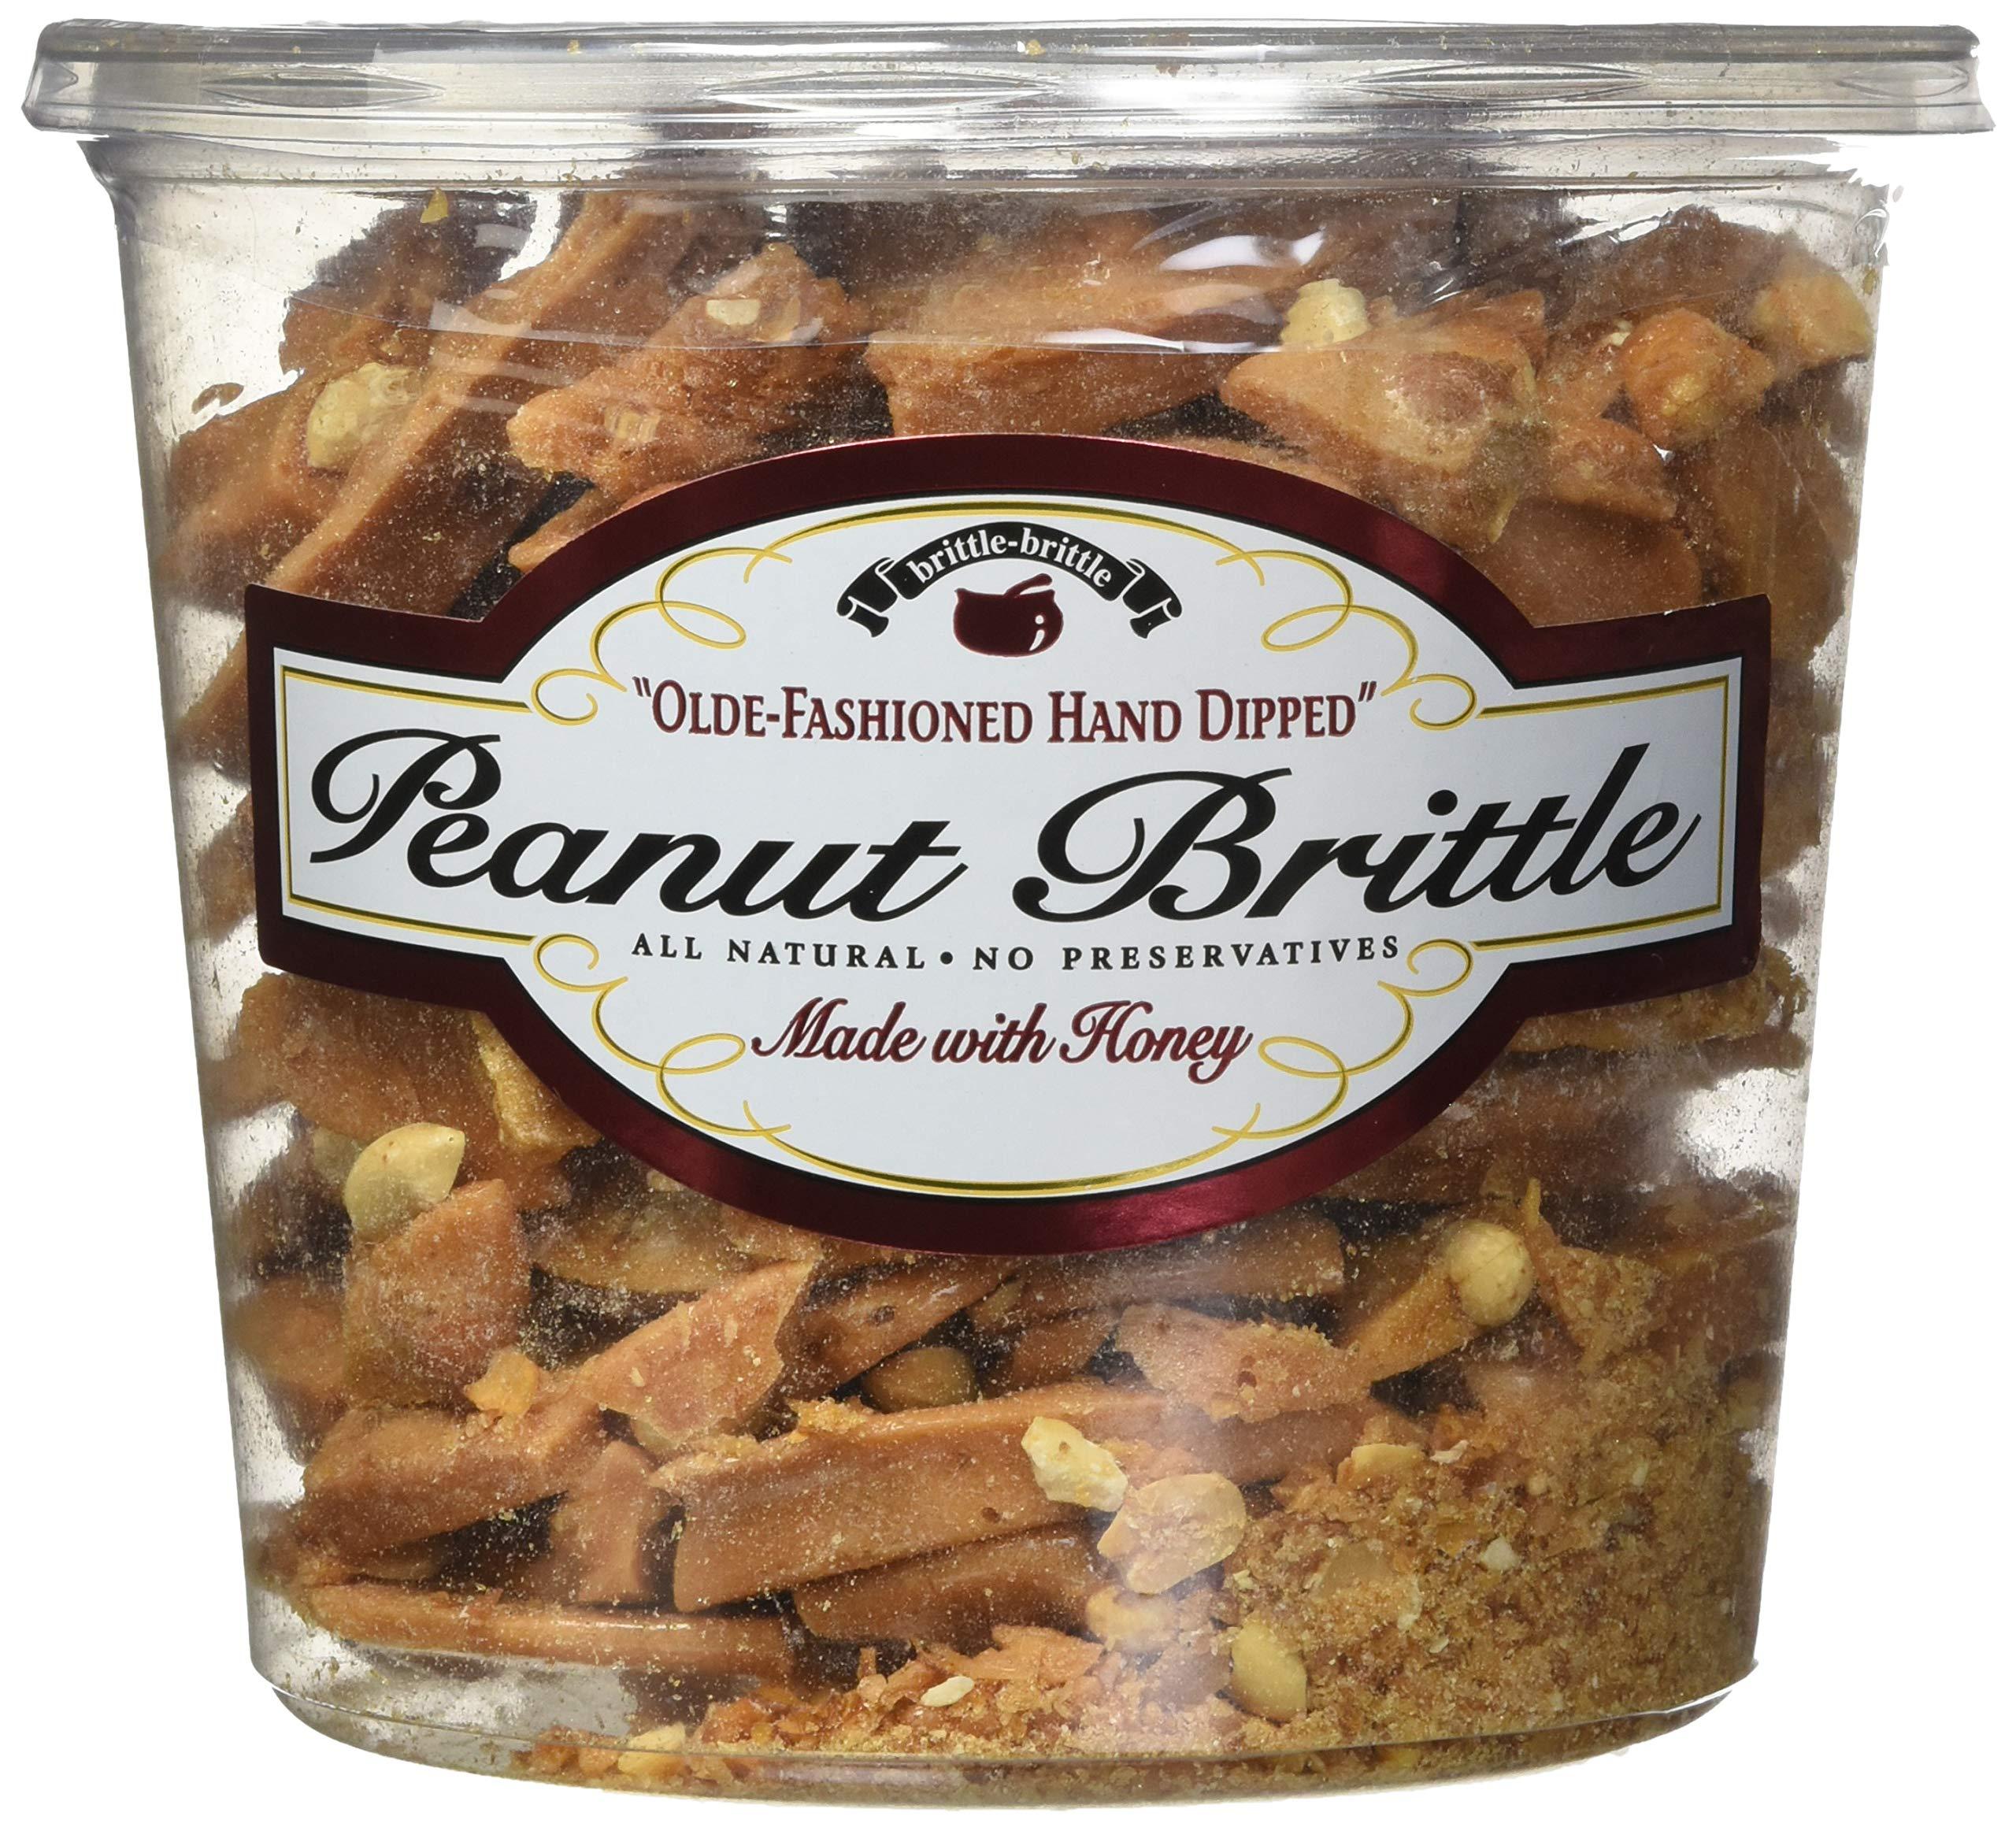 Brittle-Brittle Peanut Brittle, 42 Oz by Benefiber